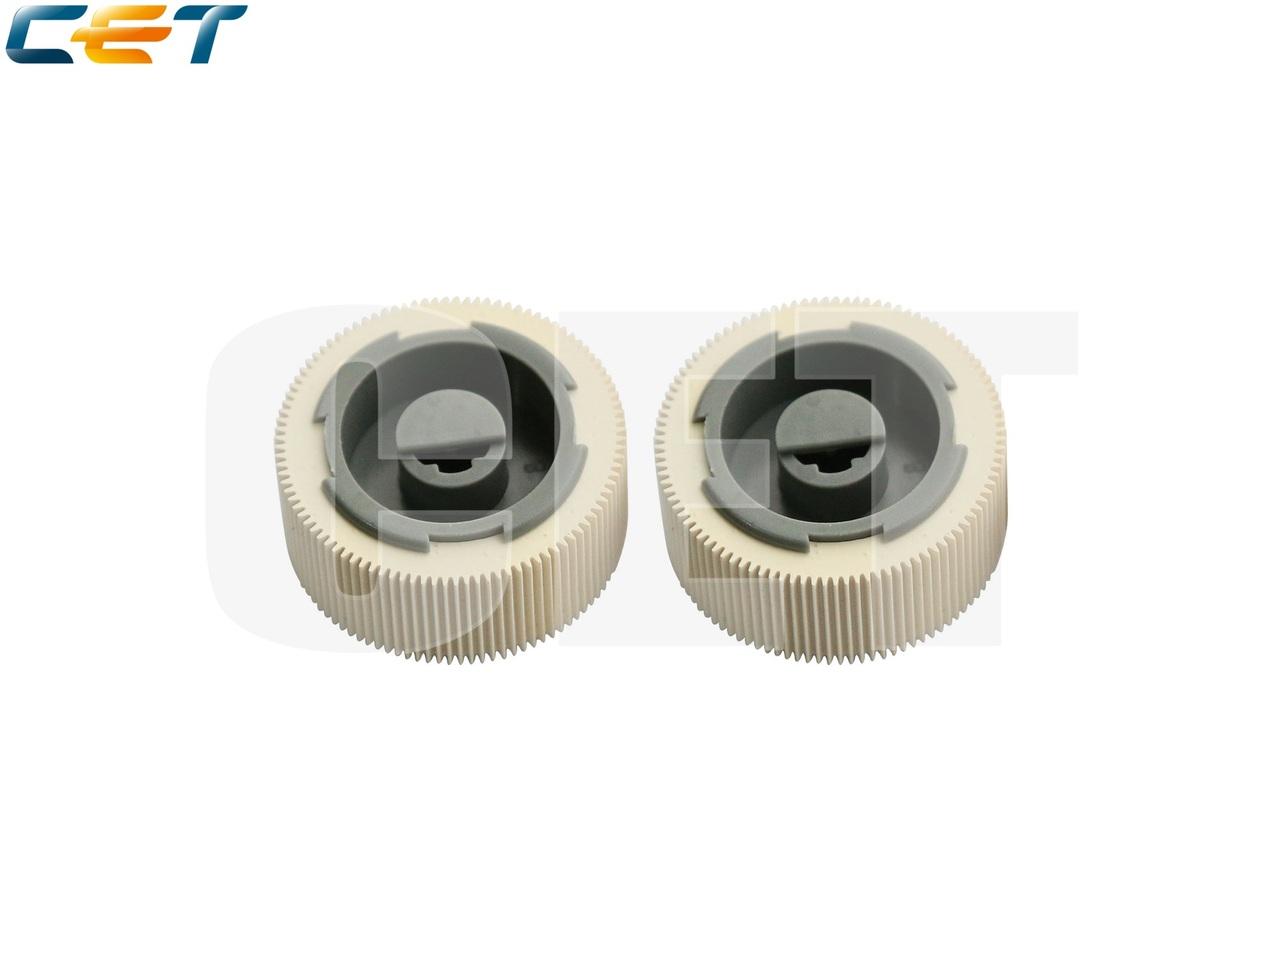 Комплект роликов 40X4308 для LEXMARKT650/T652/T654/X651/X652/X654/X656/X658 (CET), 2 шт/компл,CET5894